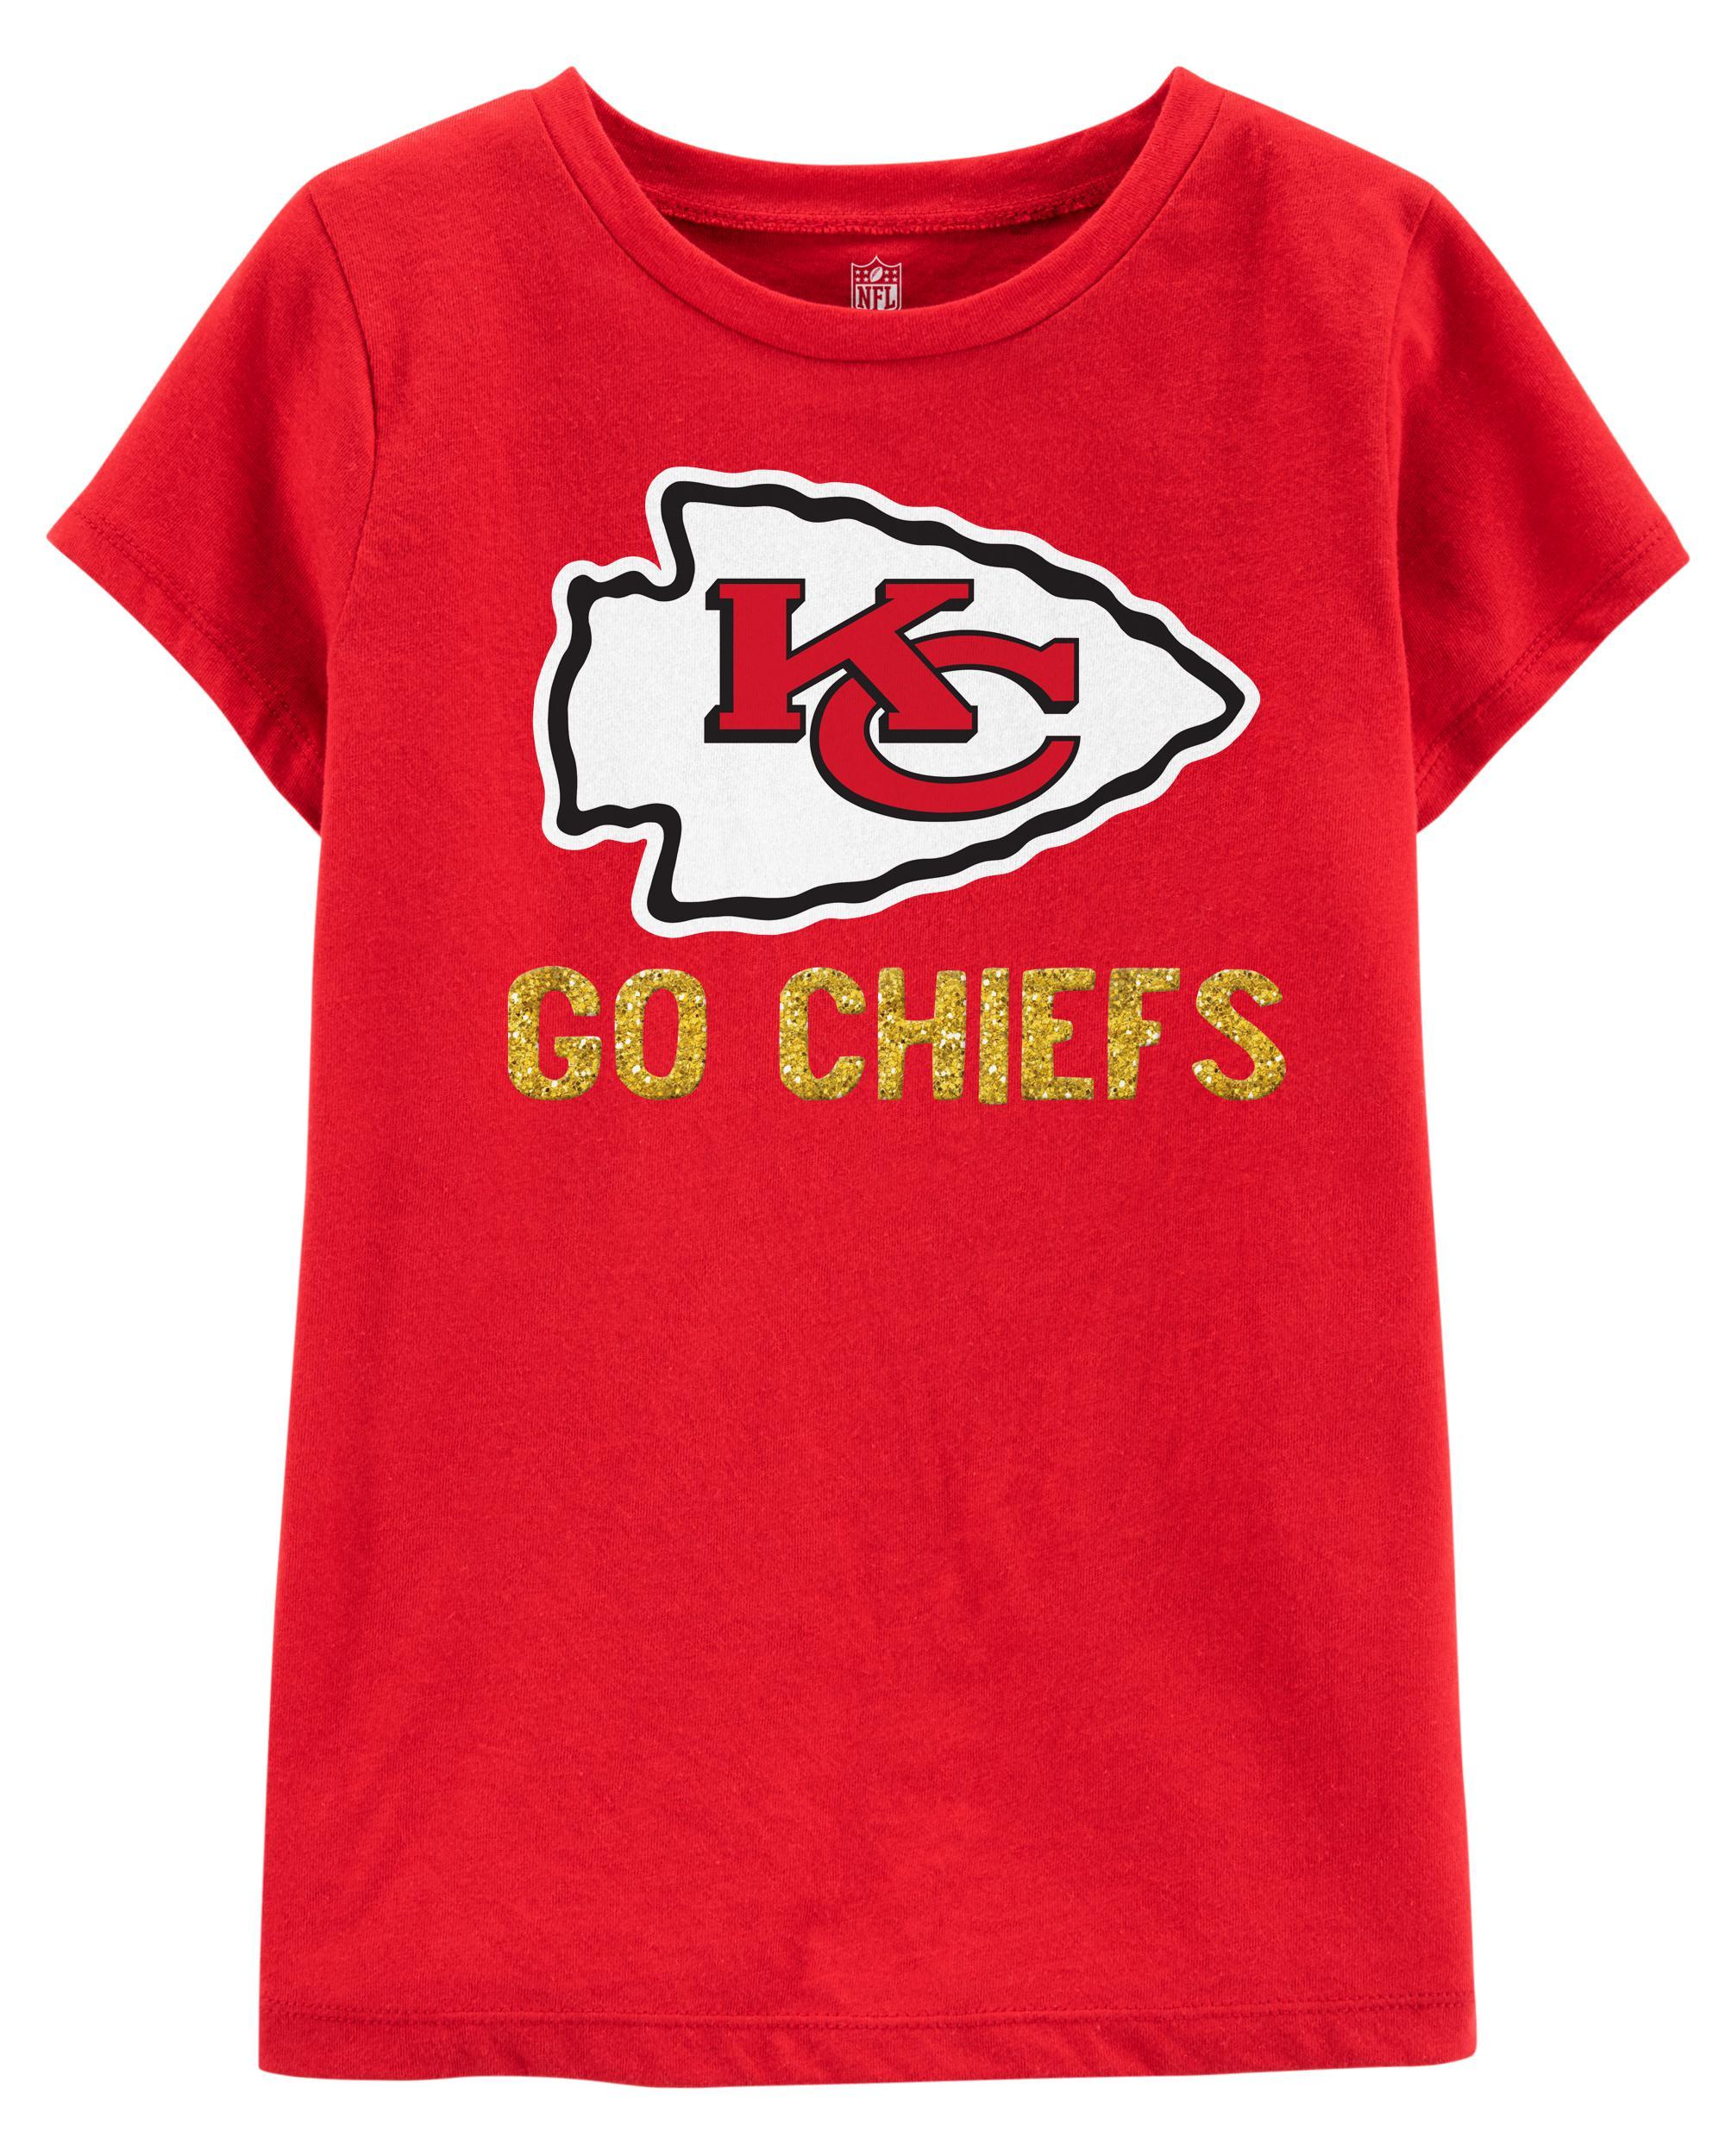 e7df3448 NFL Kansas City Chiefs Glitter Tee | carters.com